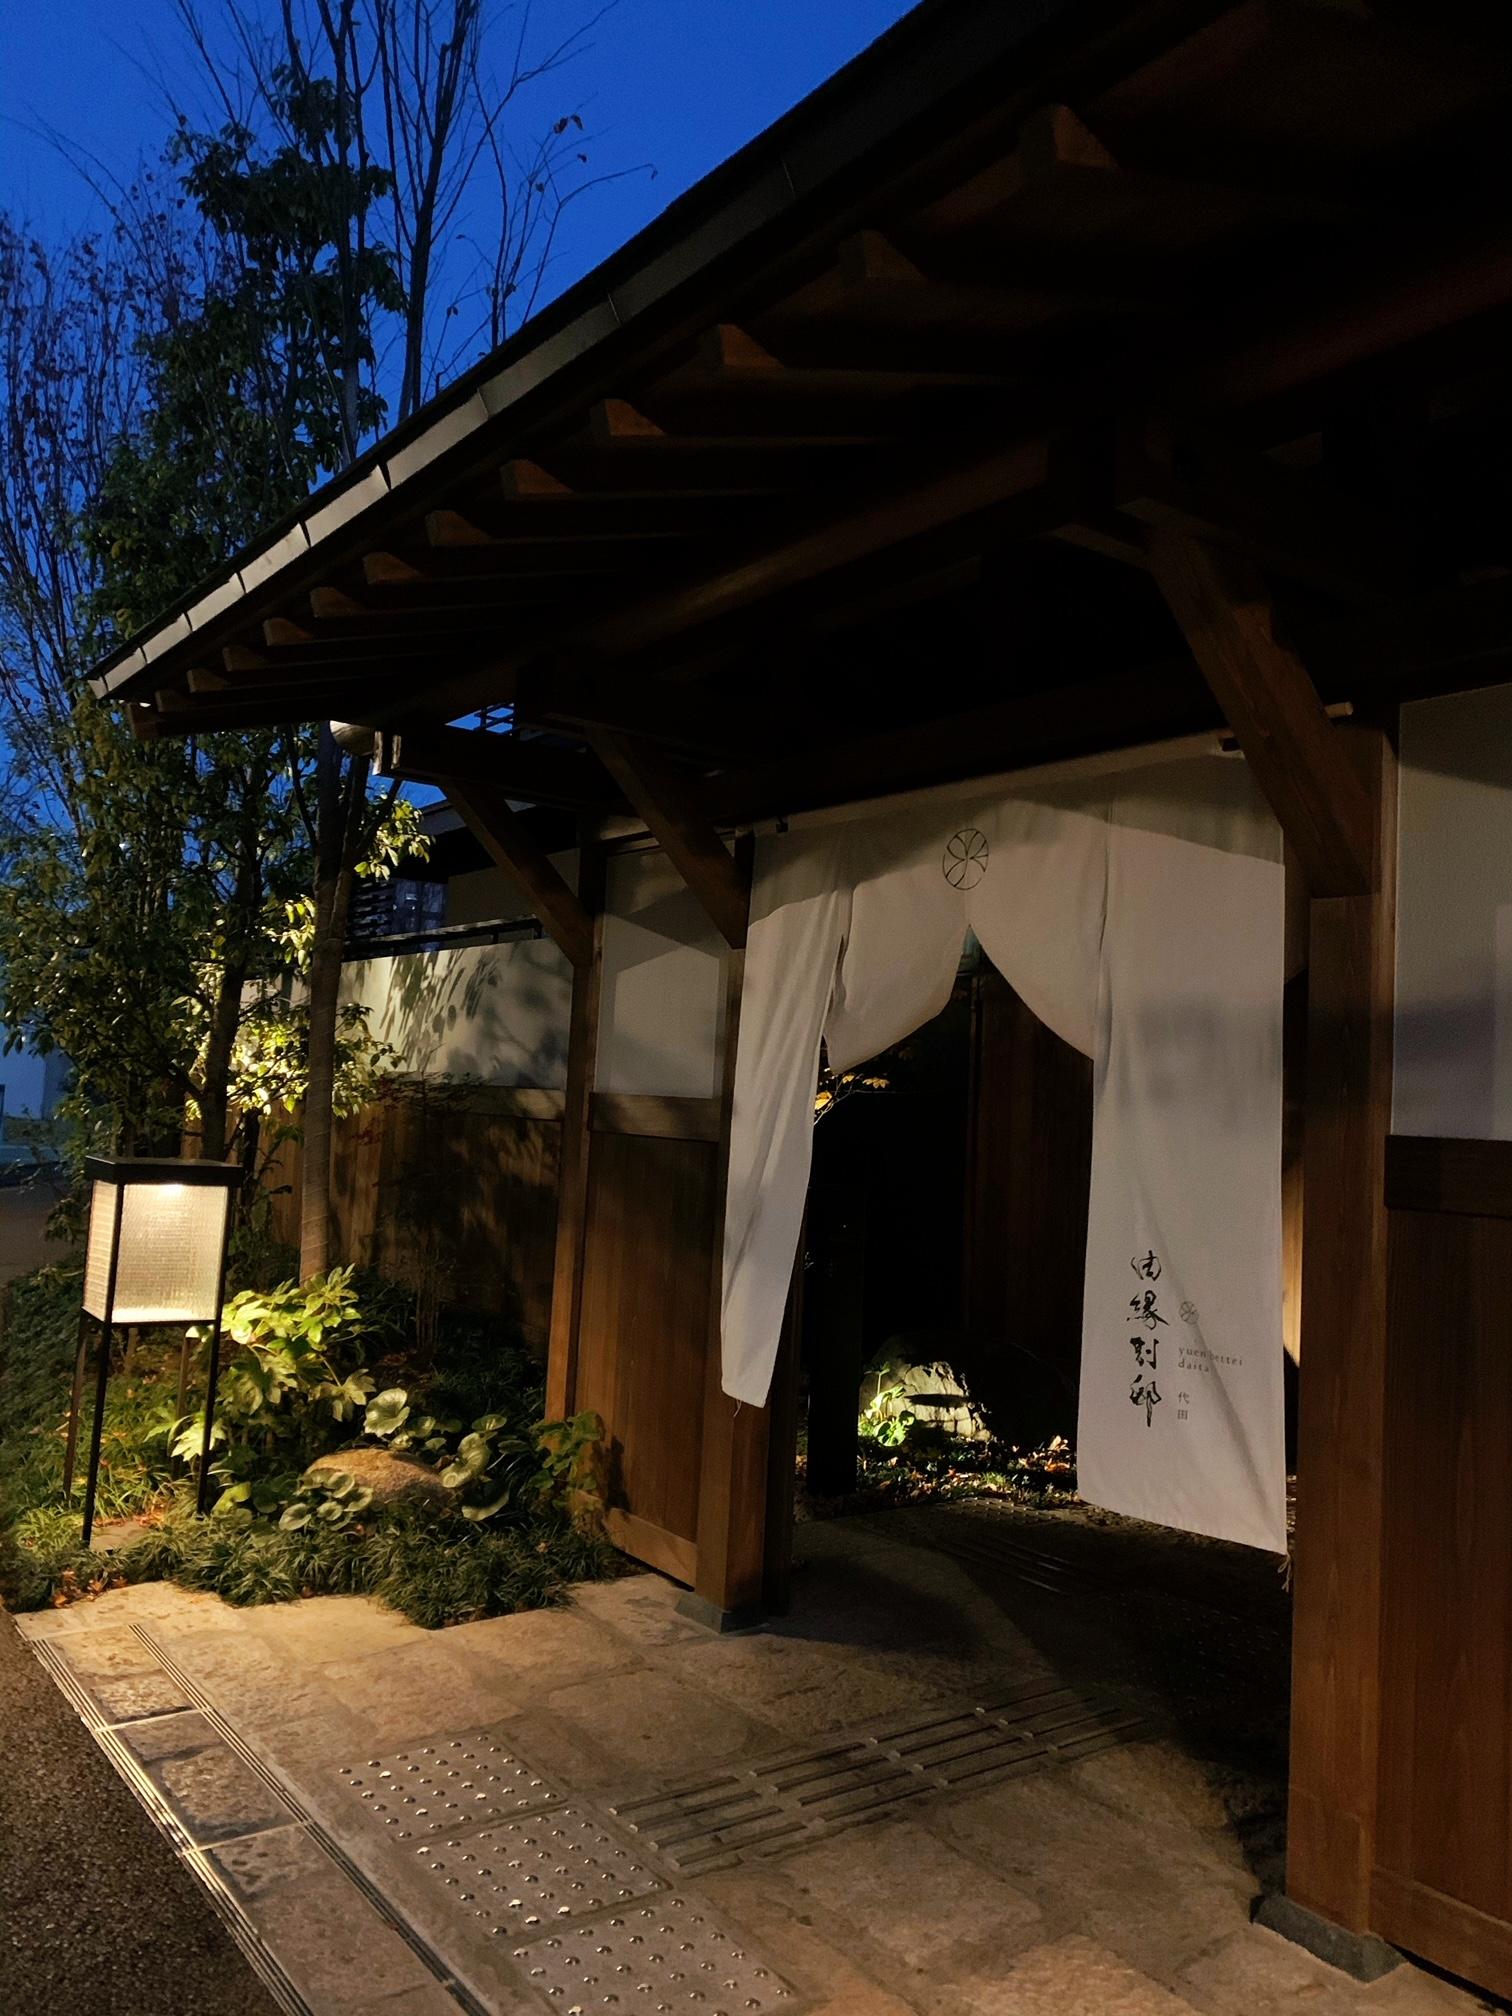 【なかなか予約が取れない!】東京に居ながらにして《箱根の温泉を楽しめる人気スポット》に行ってきた♡_2